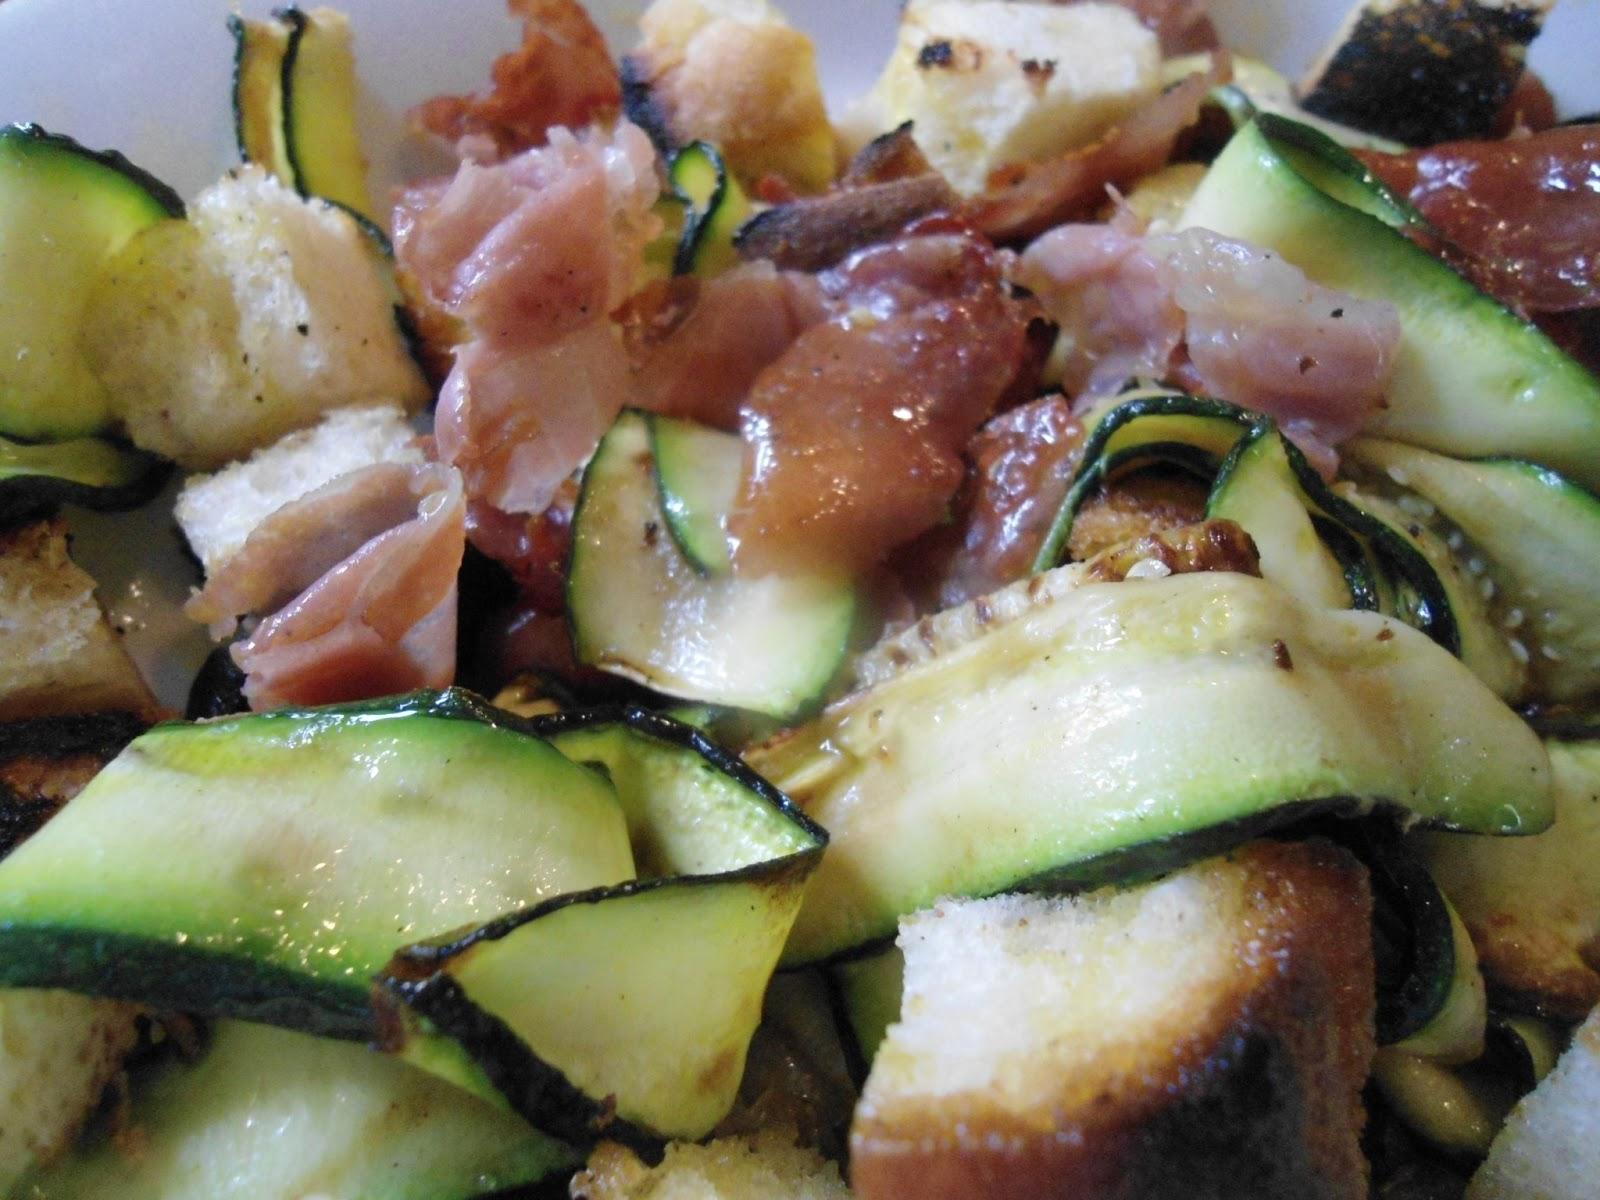 Fatemi cucinare zucchine in insalata for Cucinare zucchine in padella